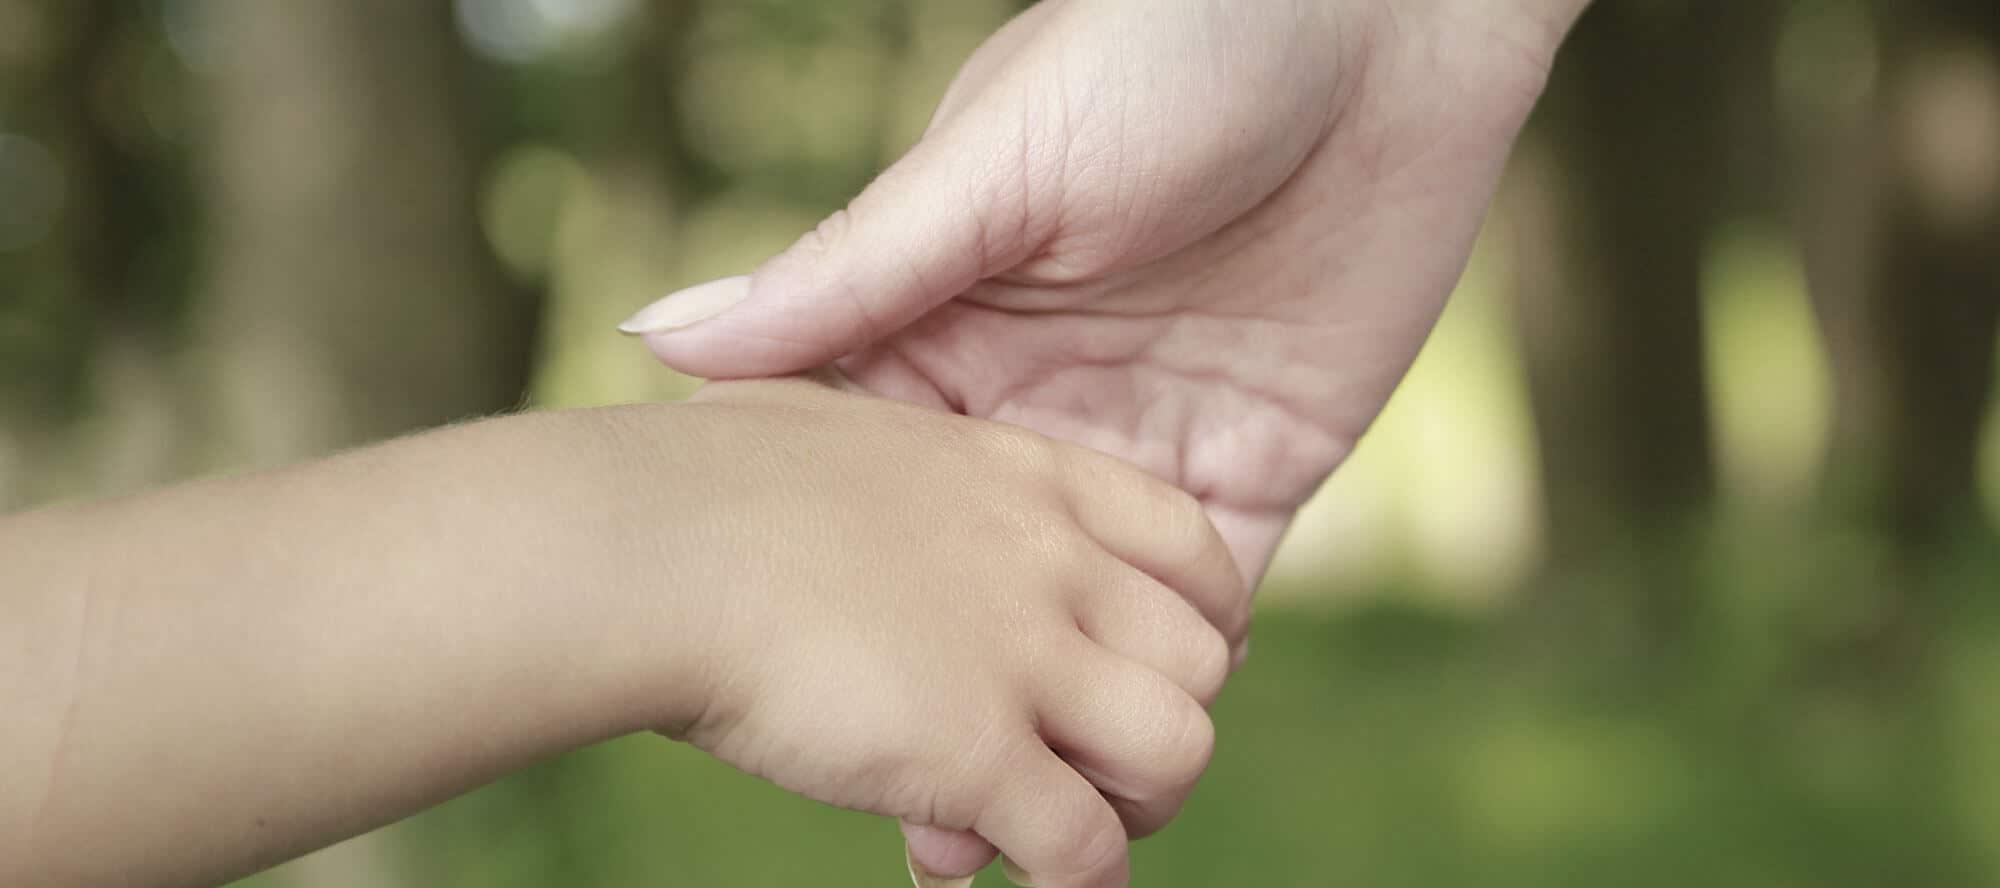 Come diventare psicologo per bambini: studi e possibilità